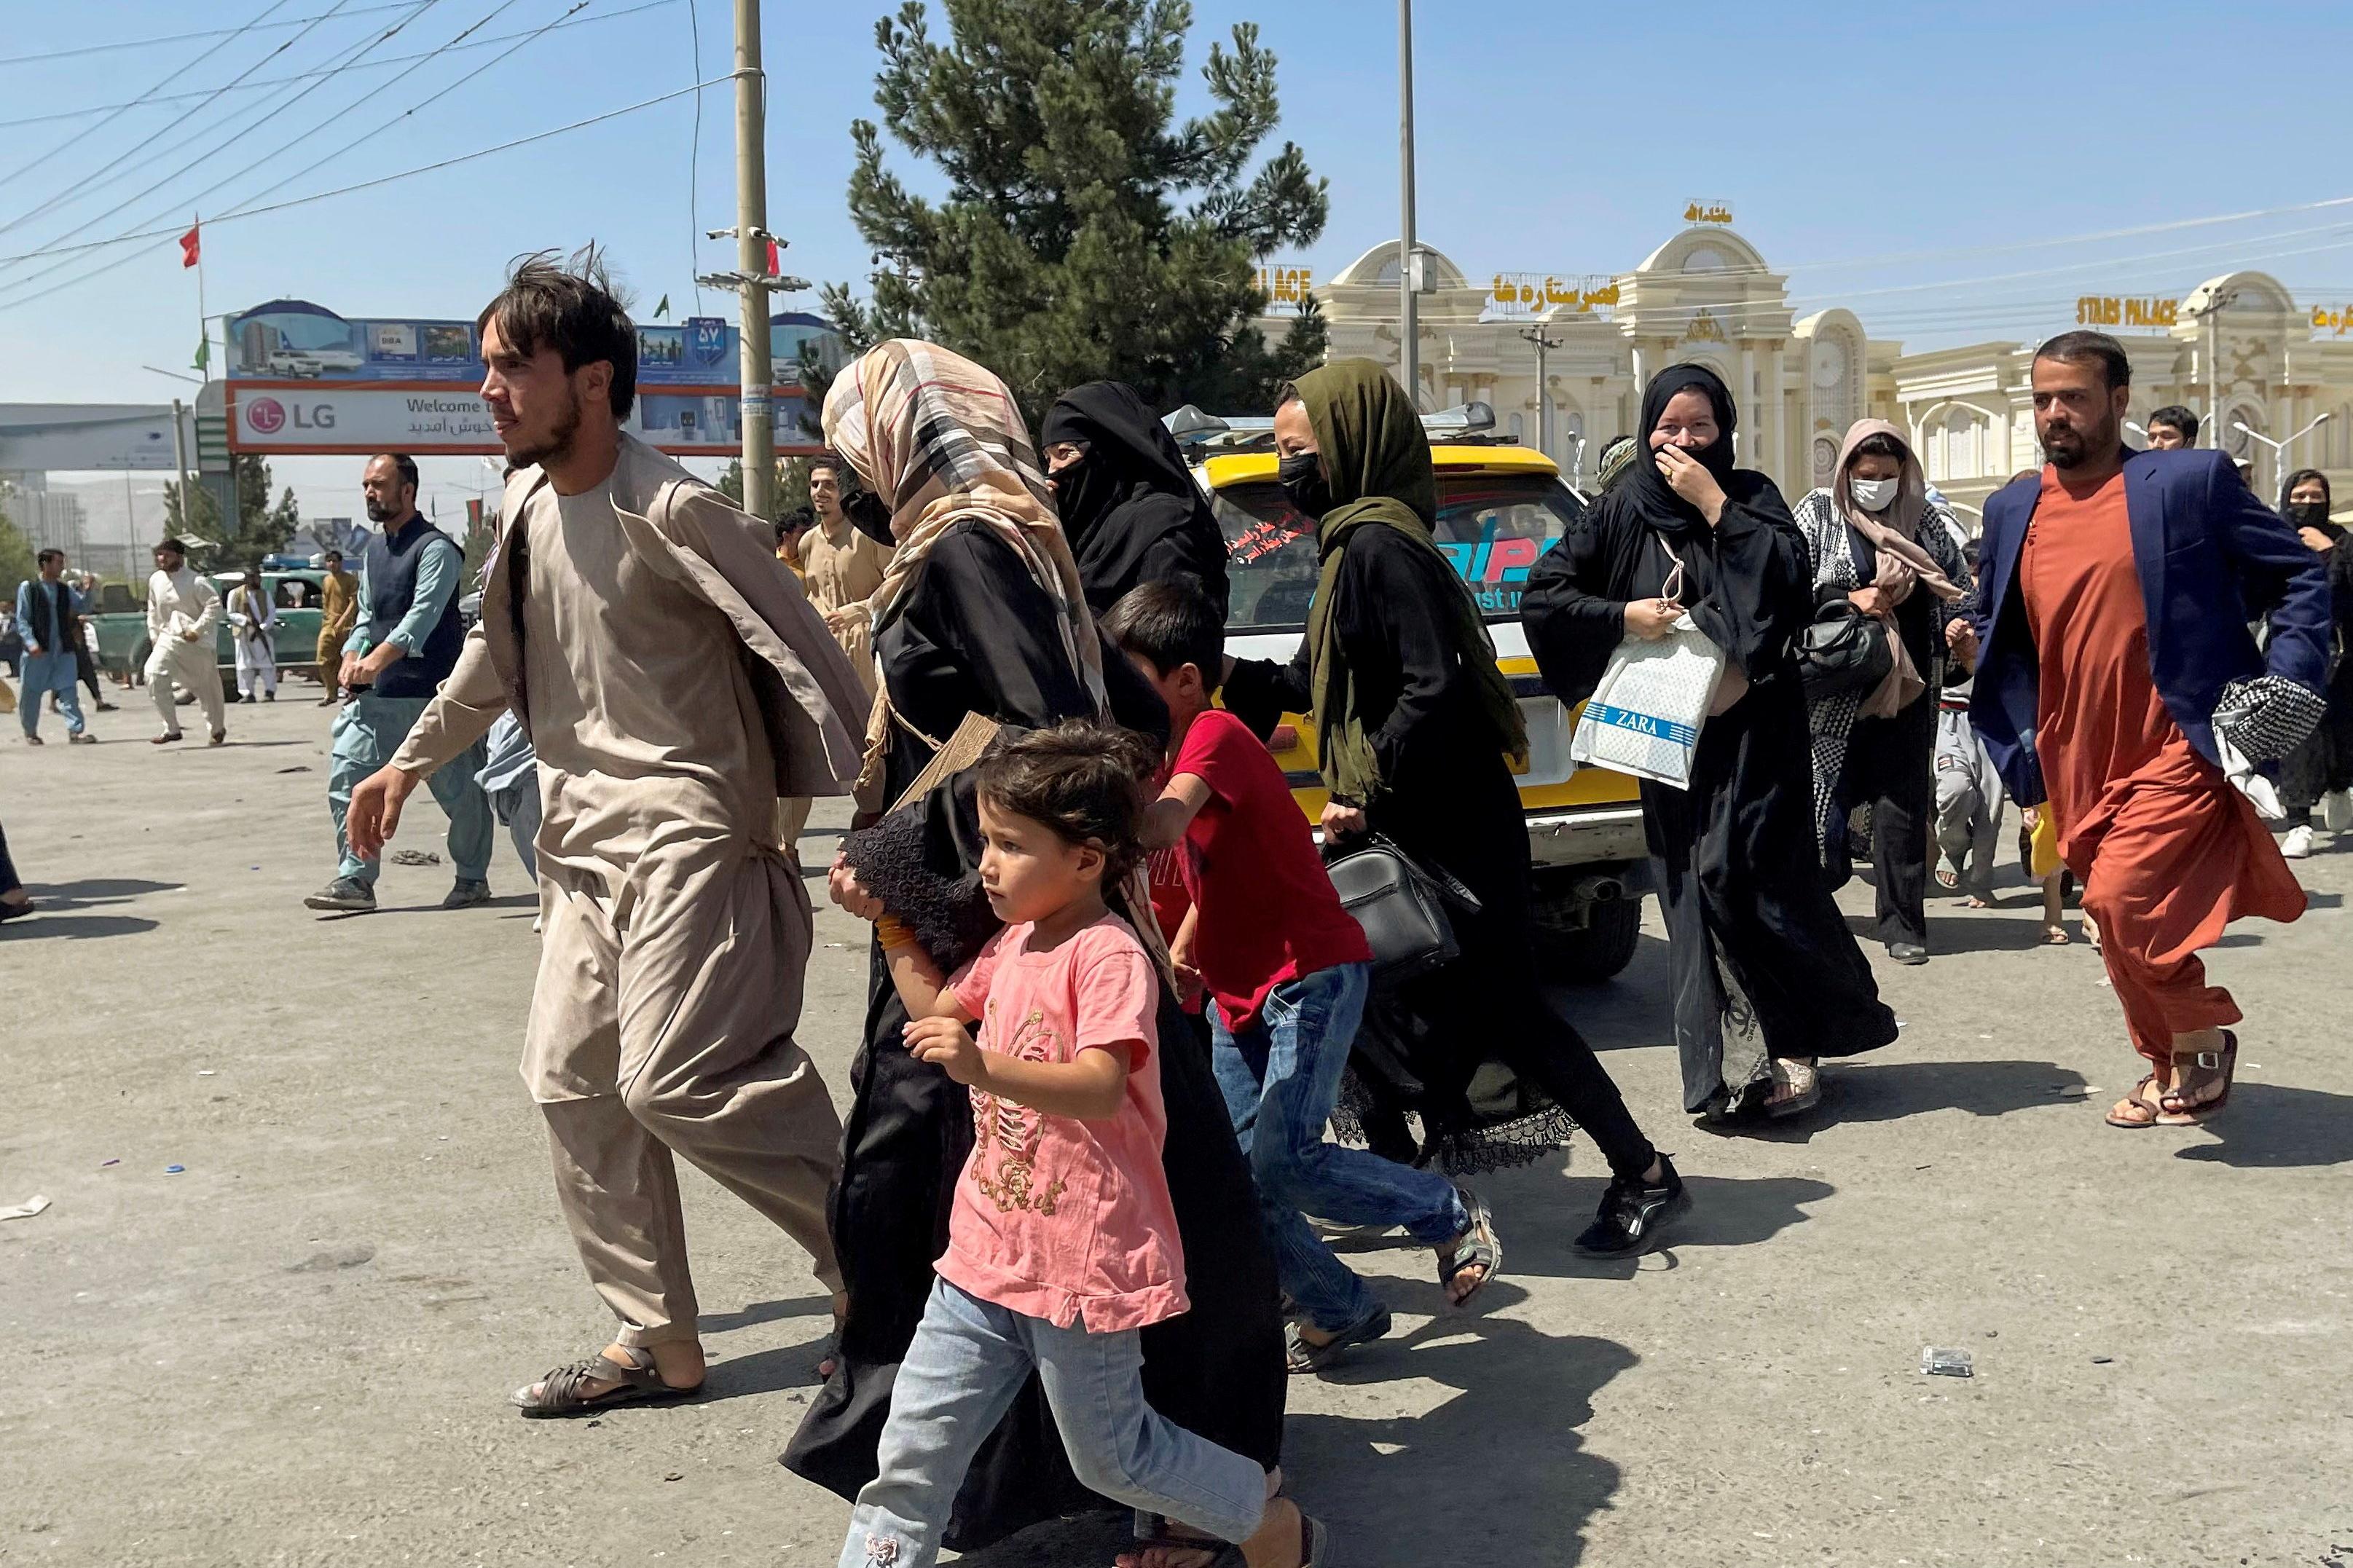 काबुल के हामिद करजई इंटरनेशनल एयरपोर्ट में घुसने के लिए भागते अफगानी।